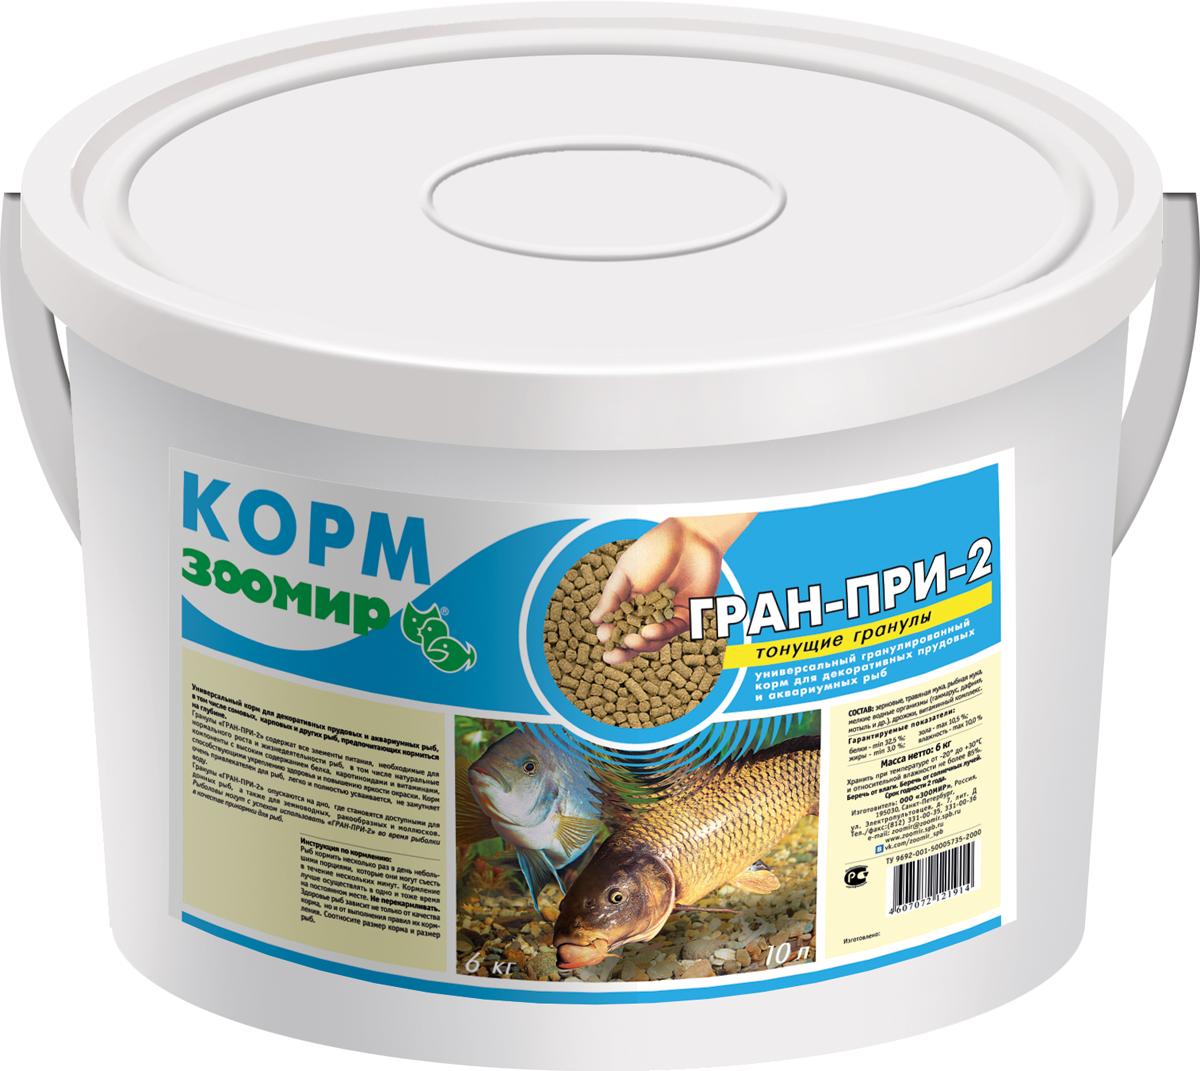 Корм для прудовых рыб Зоомир Гран-при 2, тонущие гранулы, 10 л форд гран торино 1972 в украине